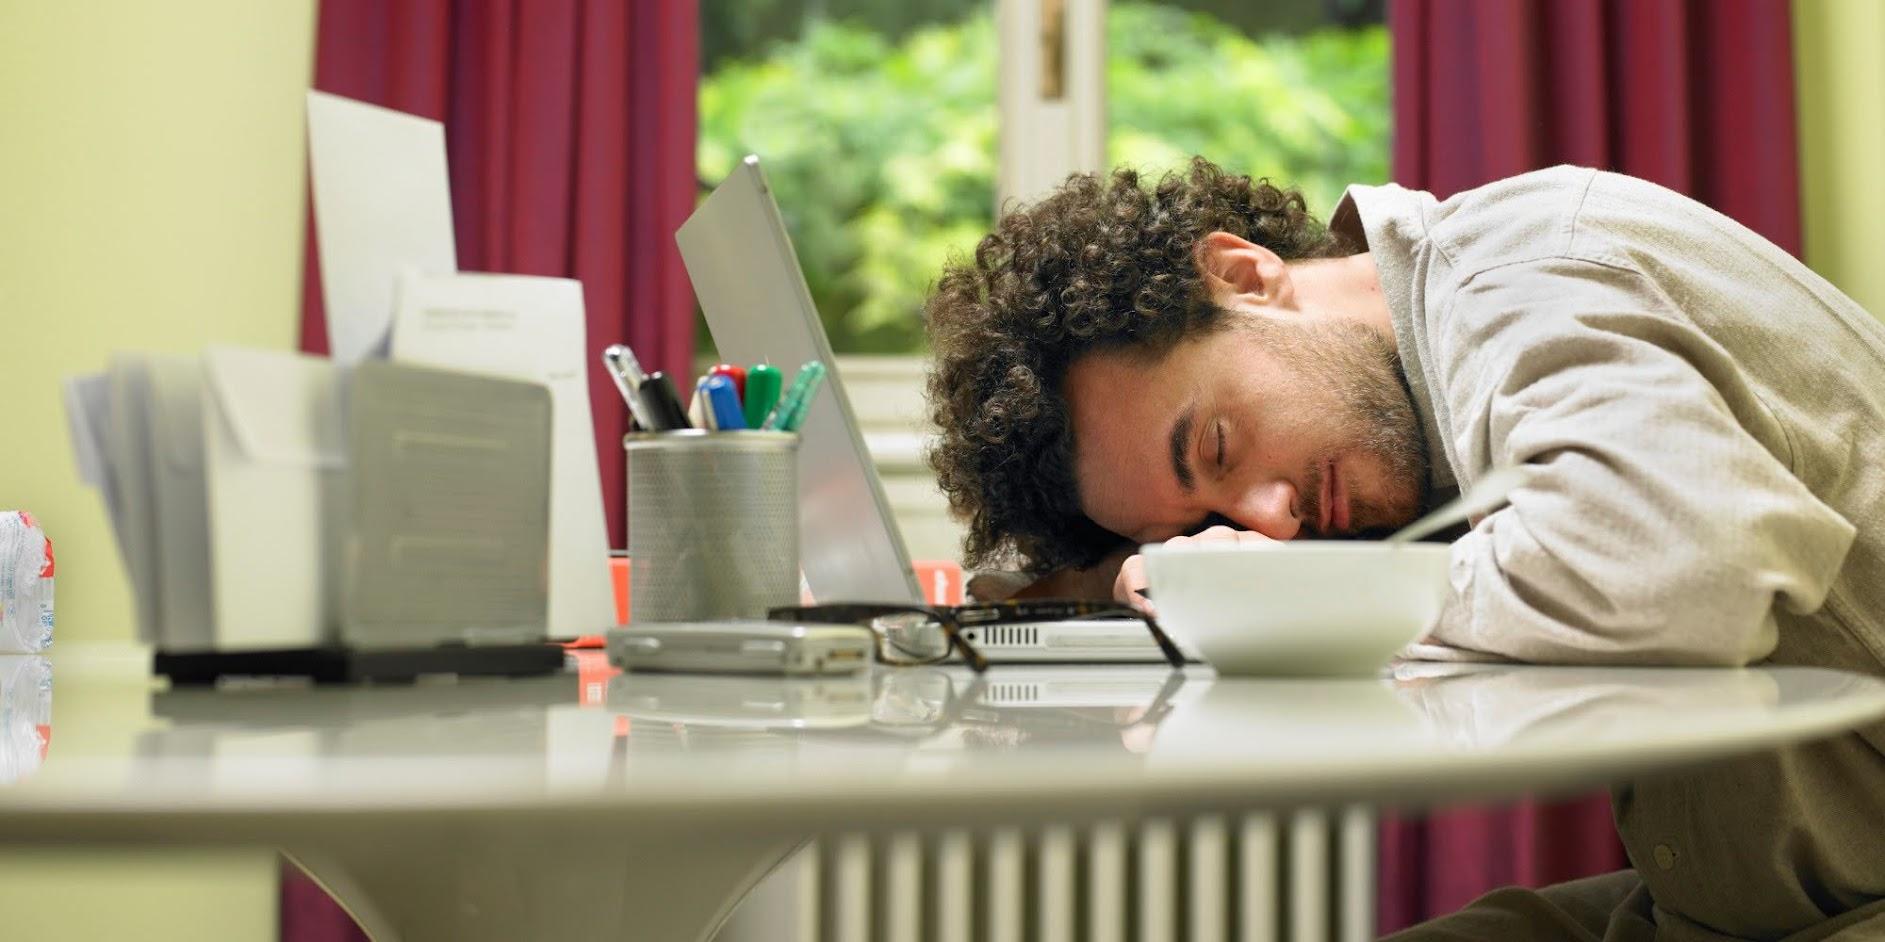 Khó ngủ có nên nằm nệm nước người lớn không?